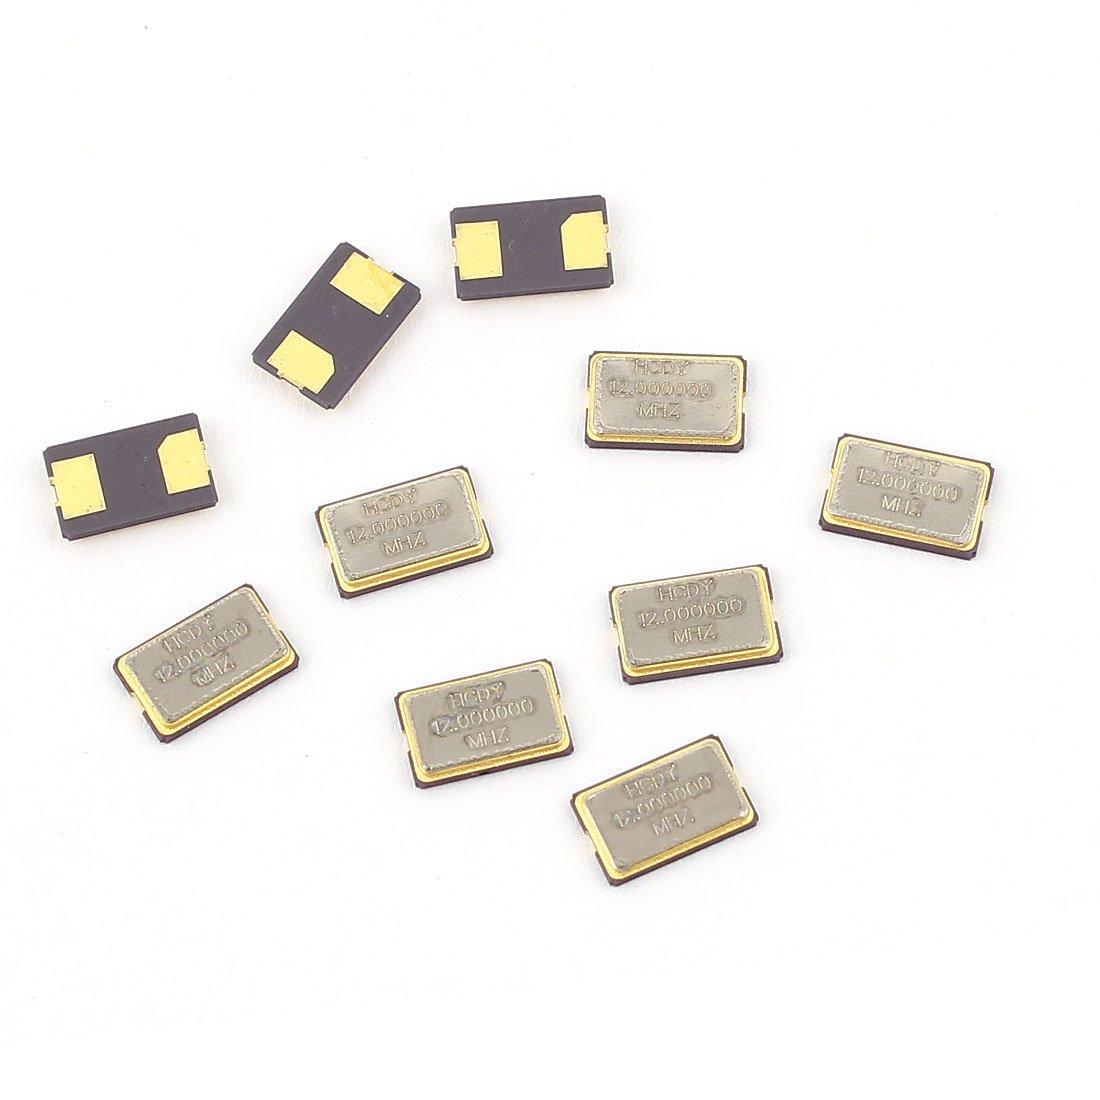 Aexit 10Pcs 12MHz Passive Components 12.000Hz SMD Passive Crystal Quartz Crystals Oscillator 5032